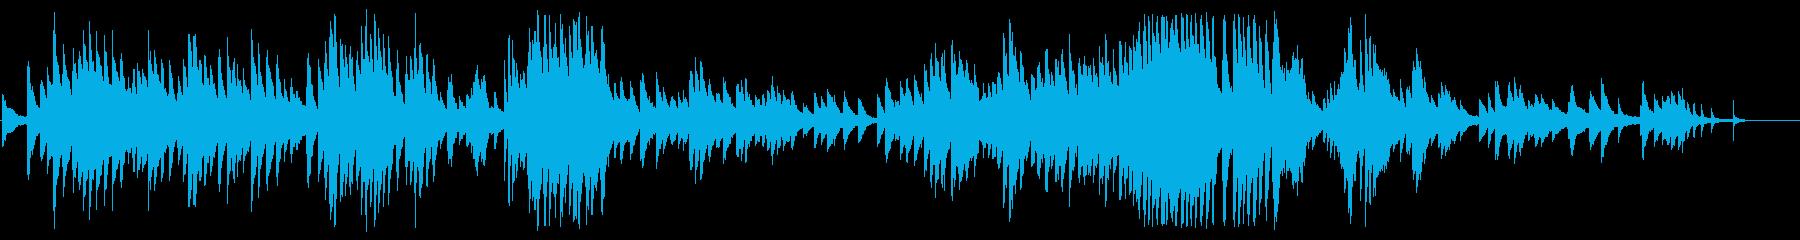 ショパン「別れの曲」カバーBGMの再生済みの波形